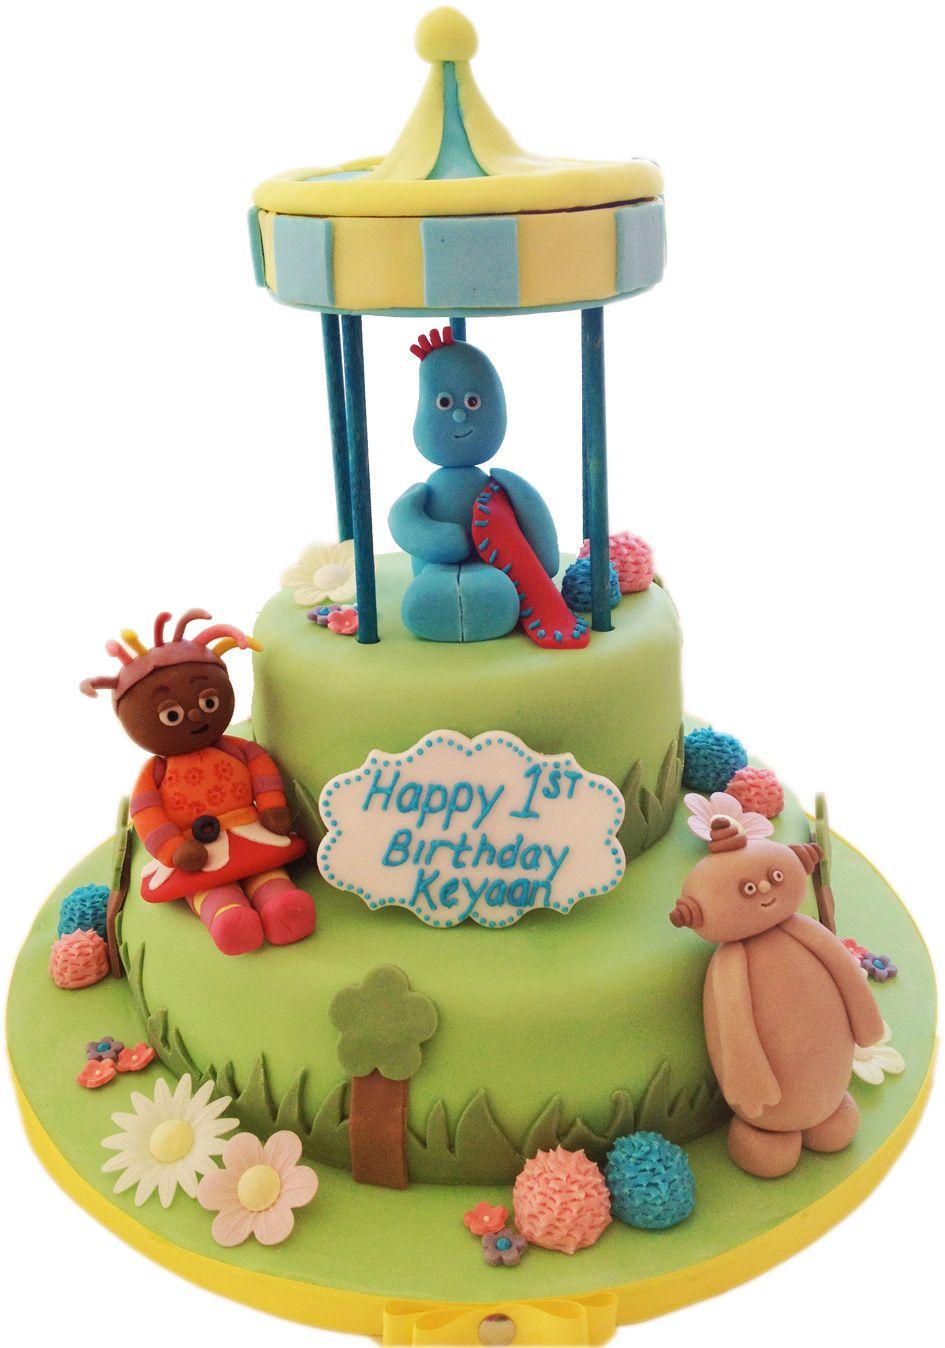 In The Night Garden Cake - Eggless Cake | Cake Station | Pinterest ...